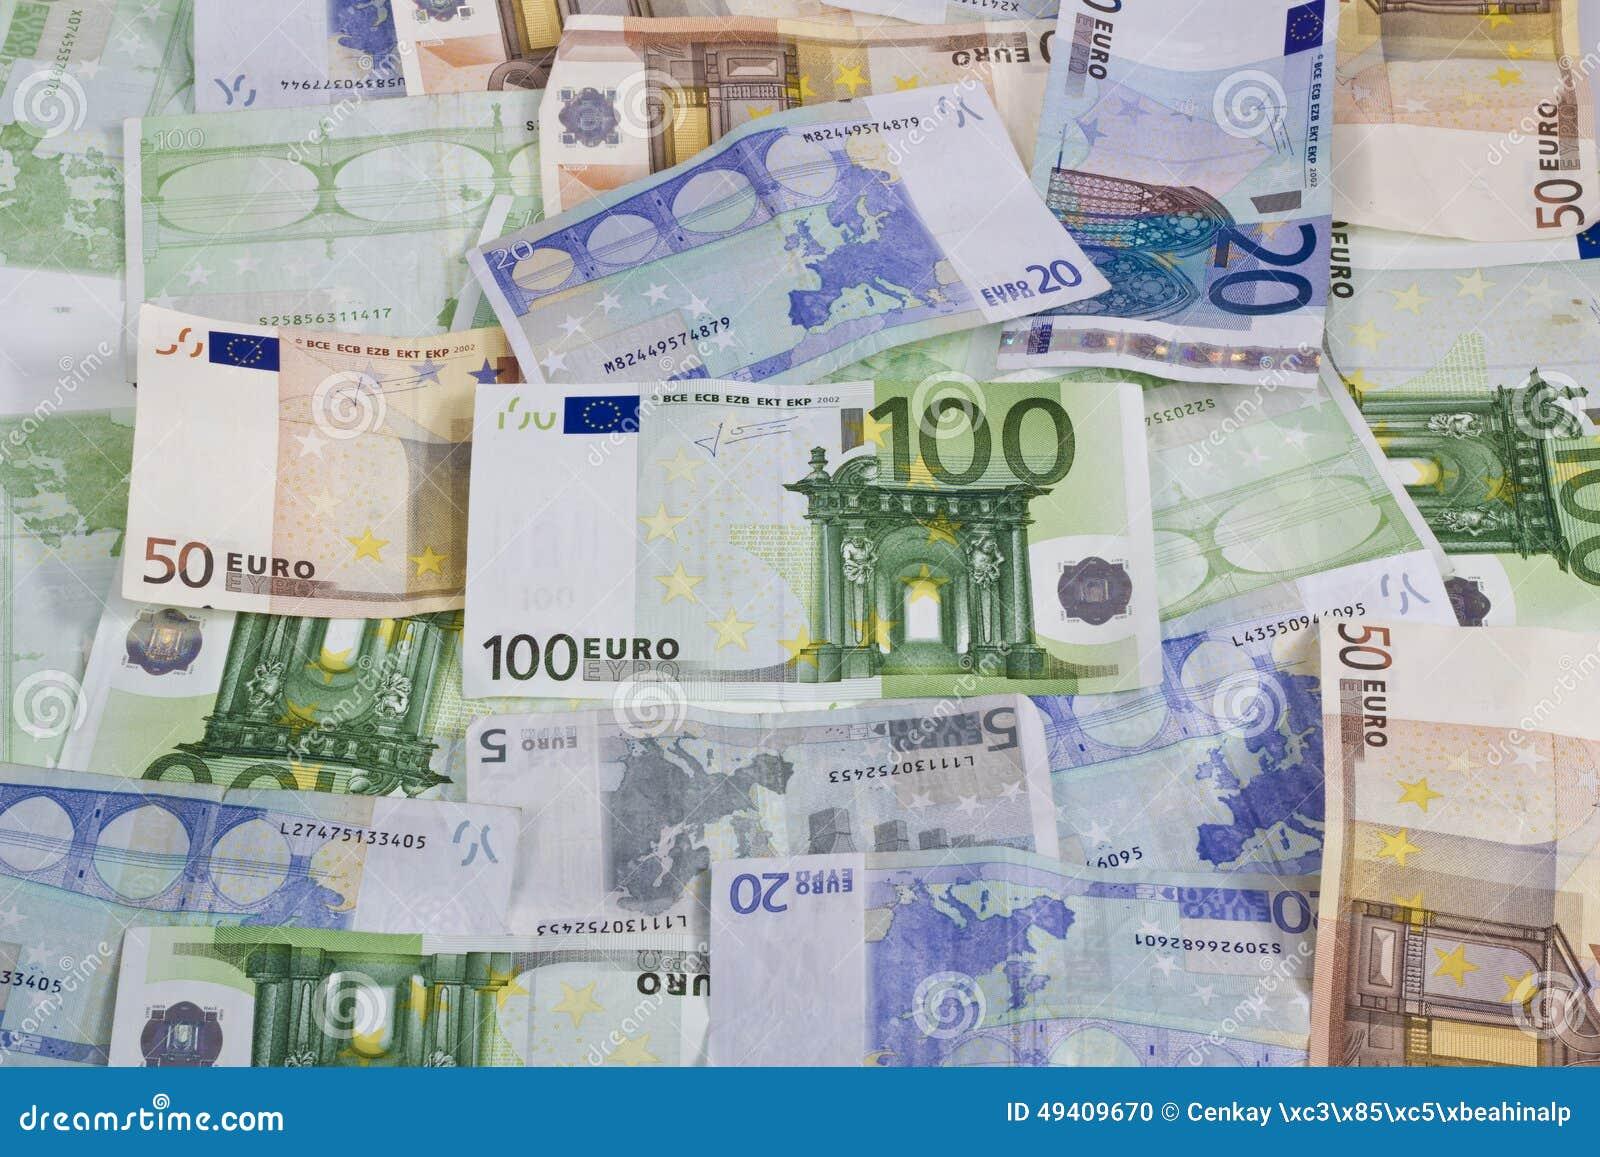 Download Eurobanknoten über Weiß stockfoto. Bild von anmerkungen - 49409670